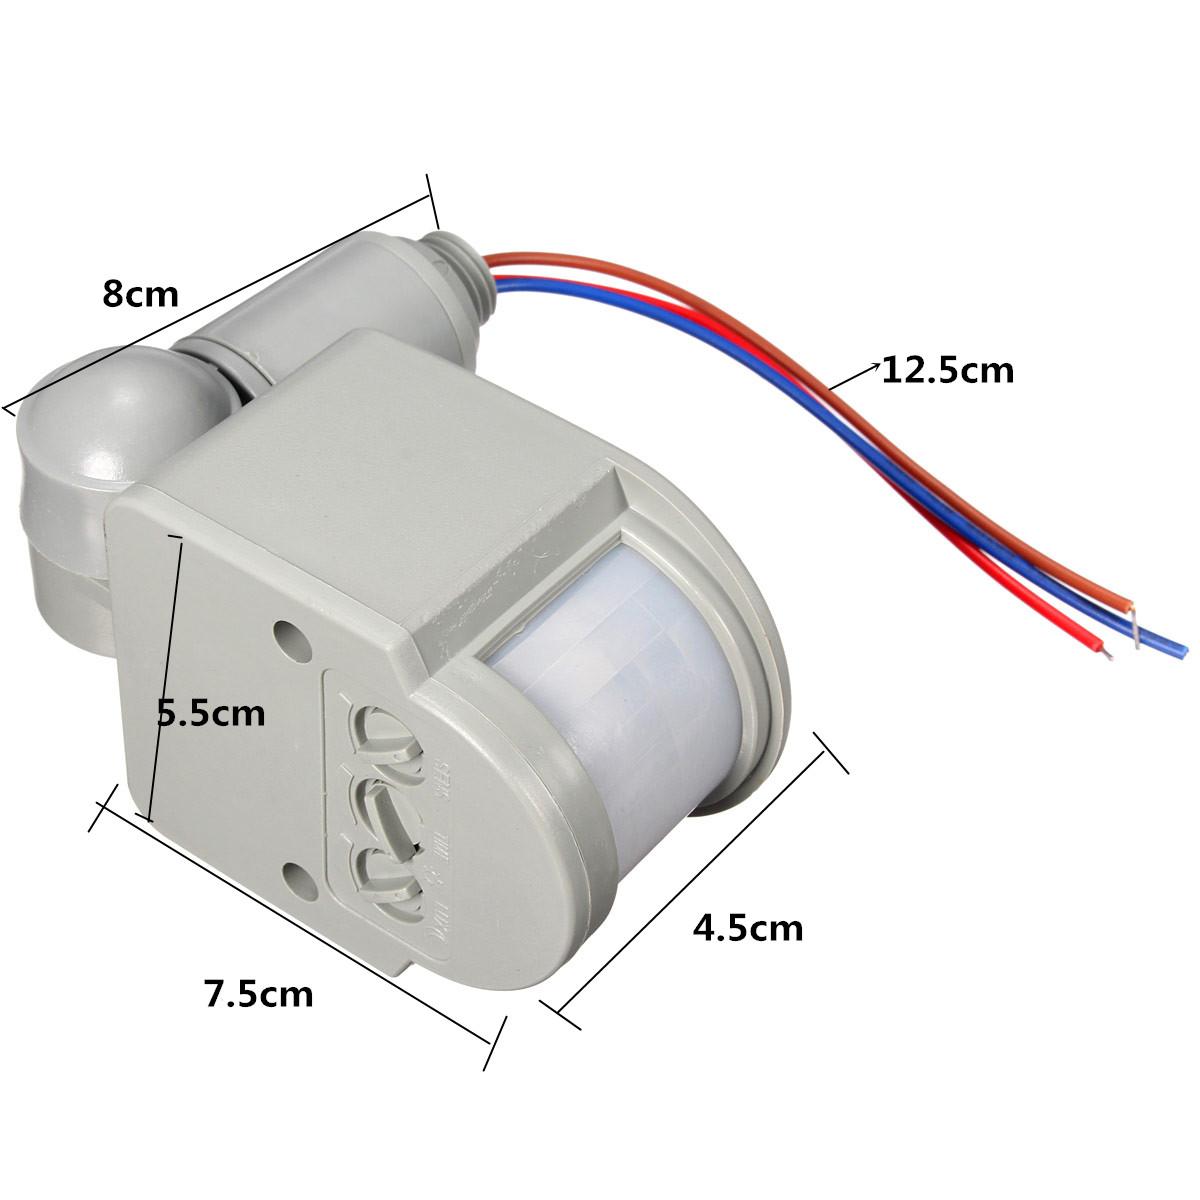 110v 240v led outdoor infrared pir motion sensor detector wall light switch 140 ebay for Exterior motion sensor light switch